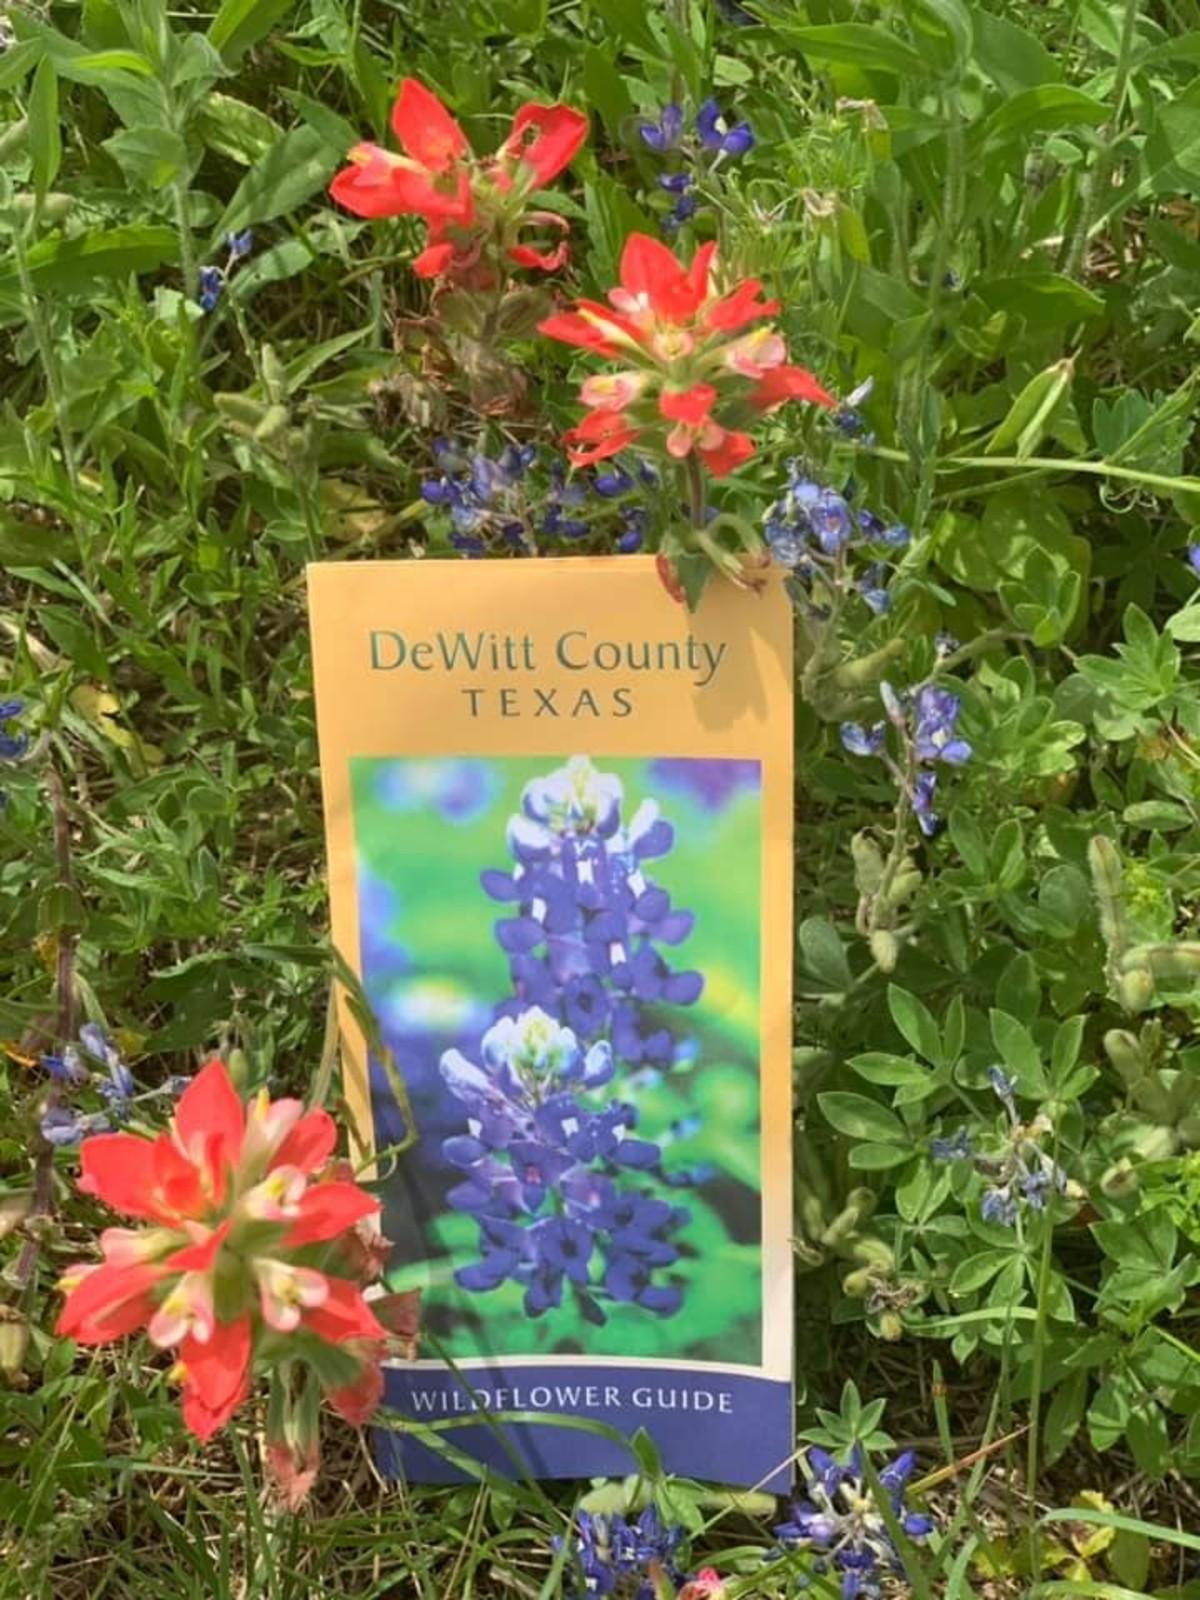 DeWitt County bluebonnets